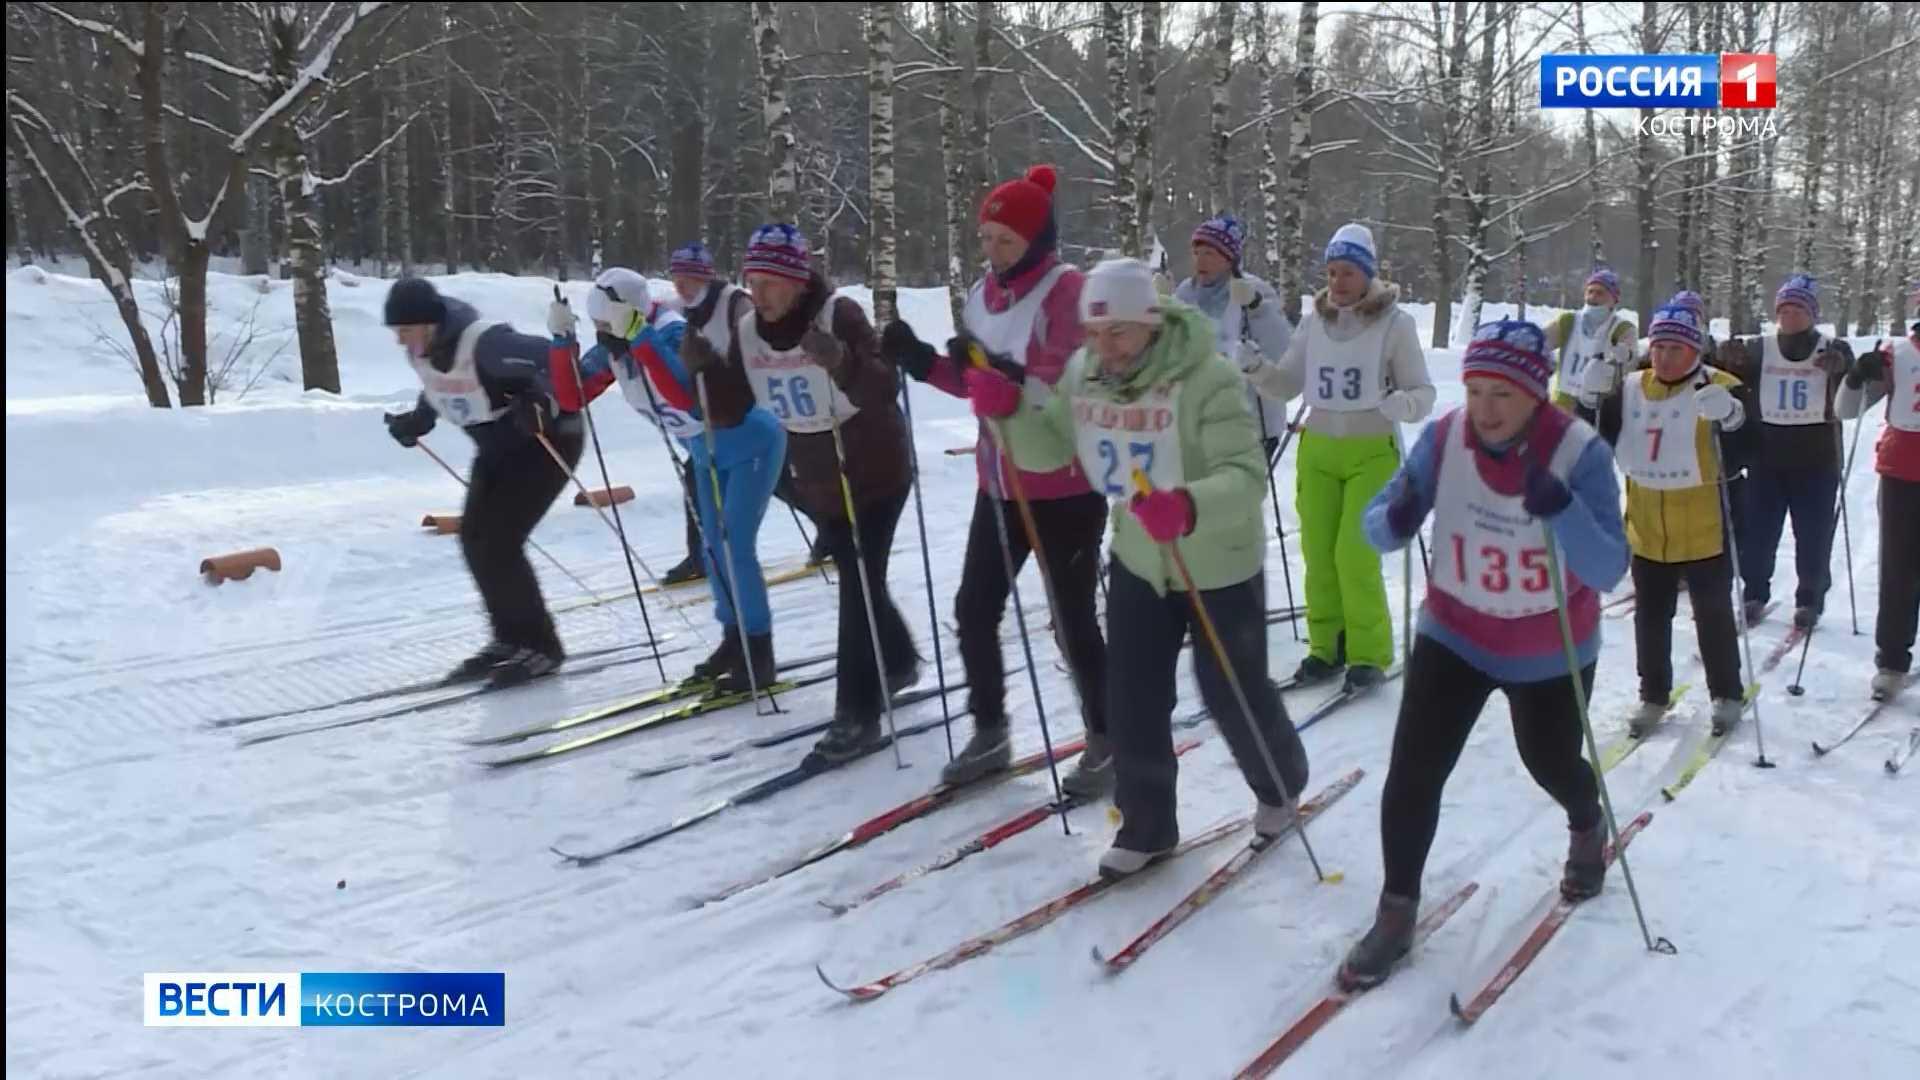 Морозостойкие костромские ветераны встали на лыжи